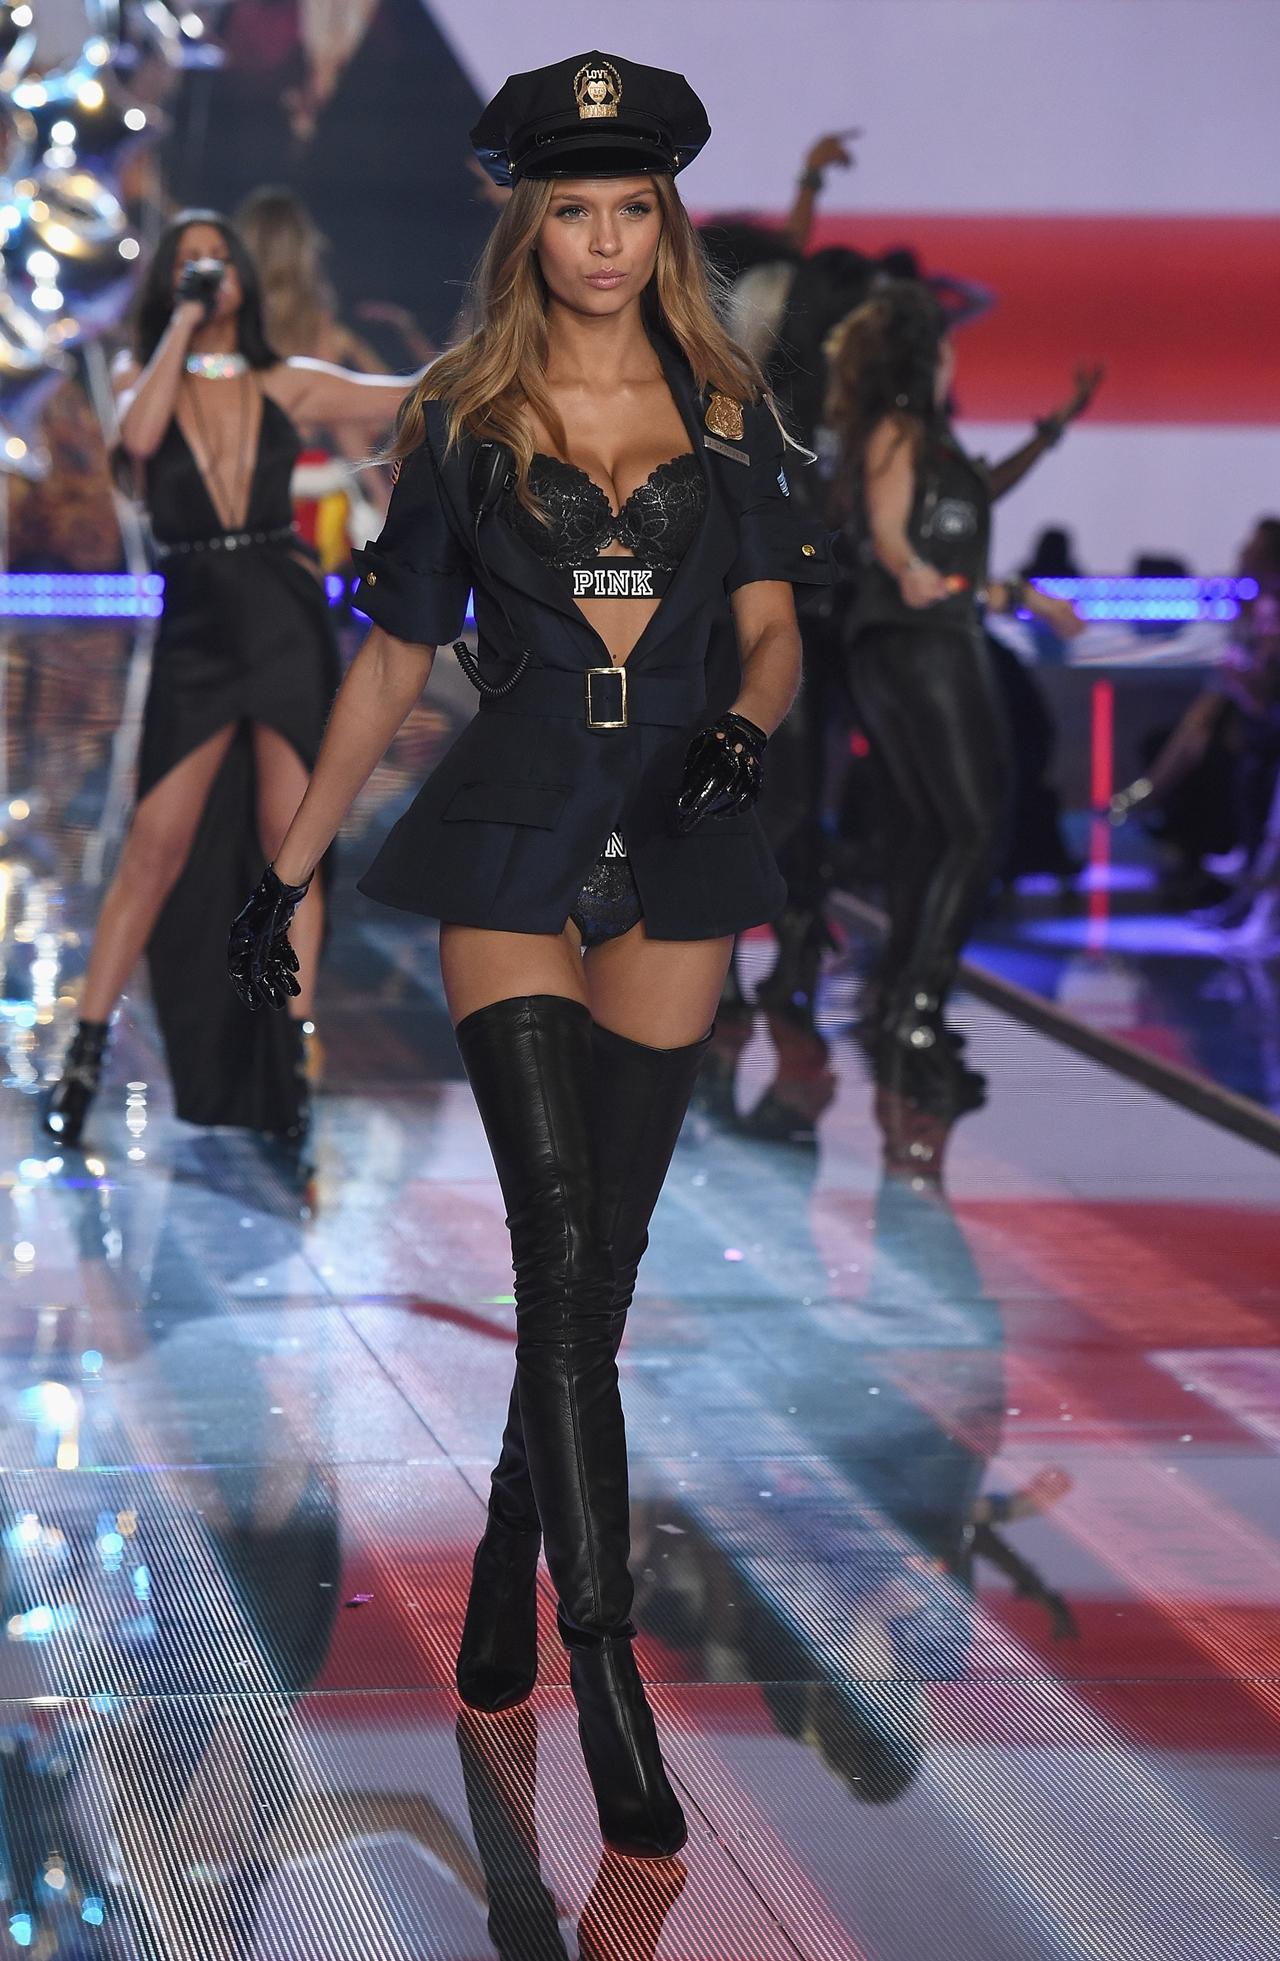 victorias-secret-fashion-show-2015-reuters-20